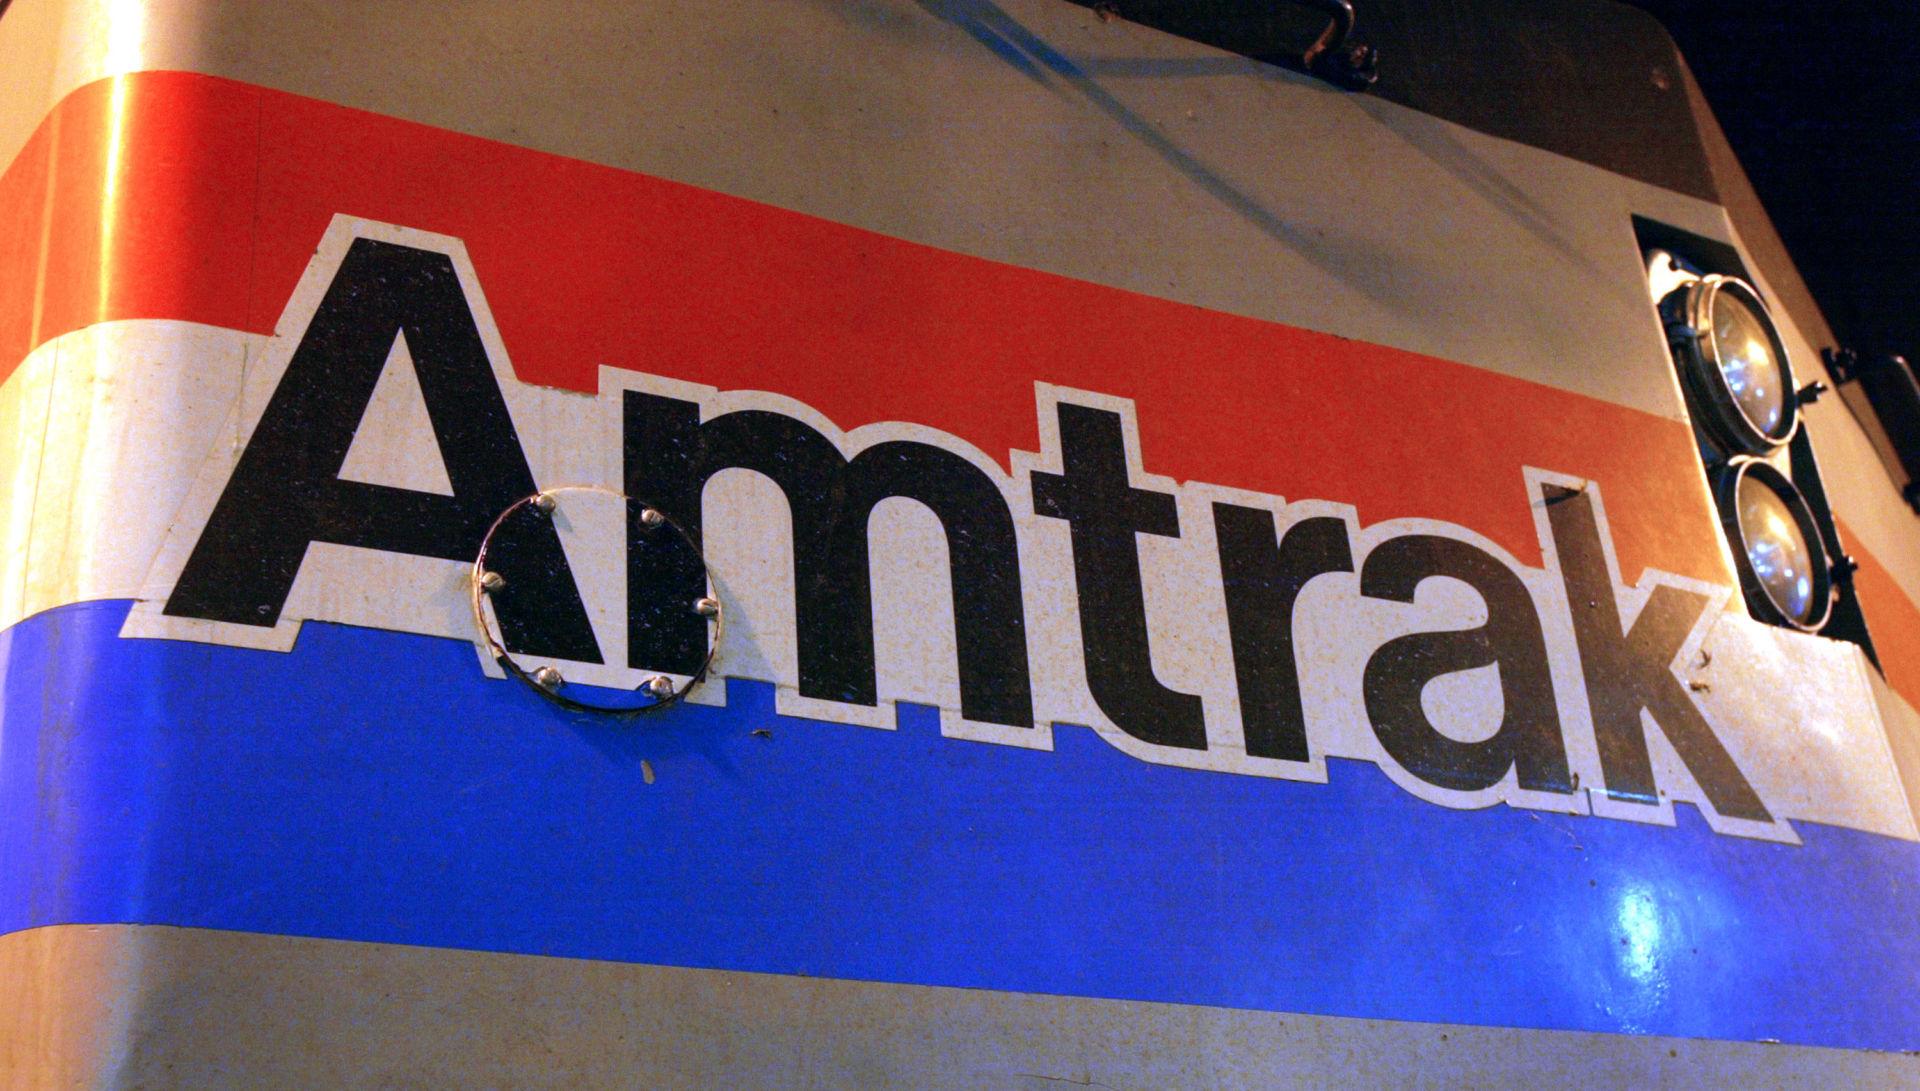 Tàu điện Amtrak trật đường rầy ở Montana, ít nhất 3 người chết